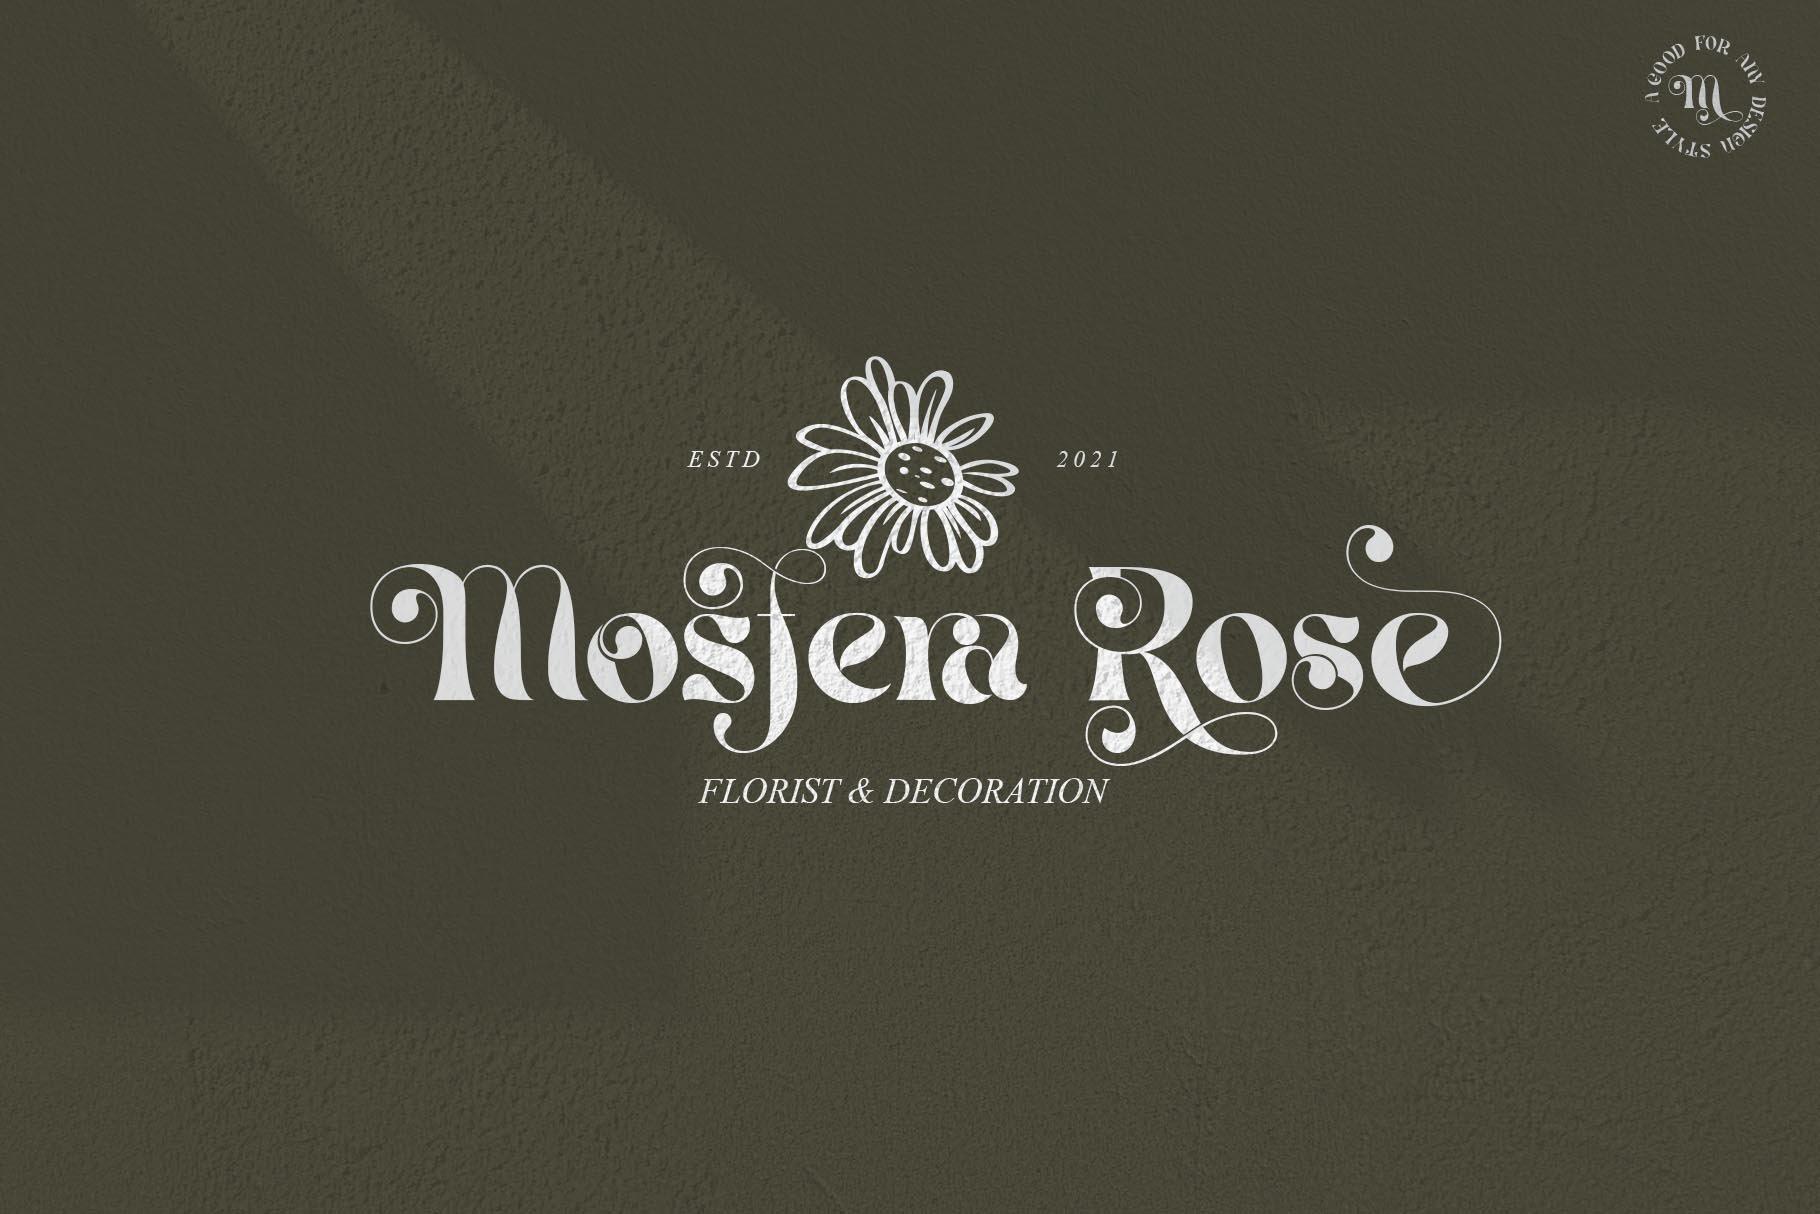 现代优雅杂志海报标题Logo设计衬线英文字体素材 Mistic Typeface插图3